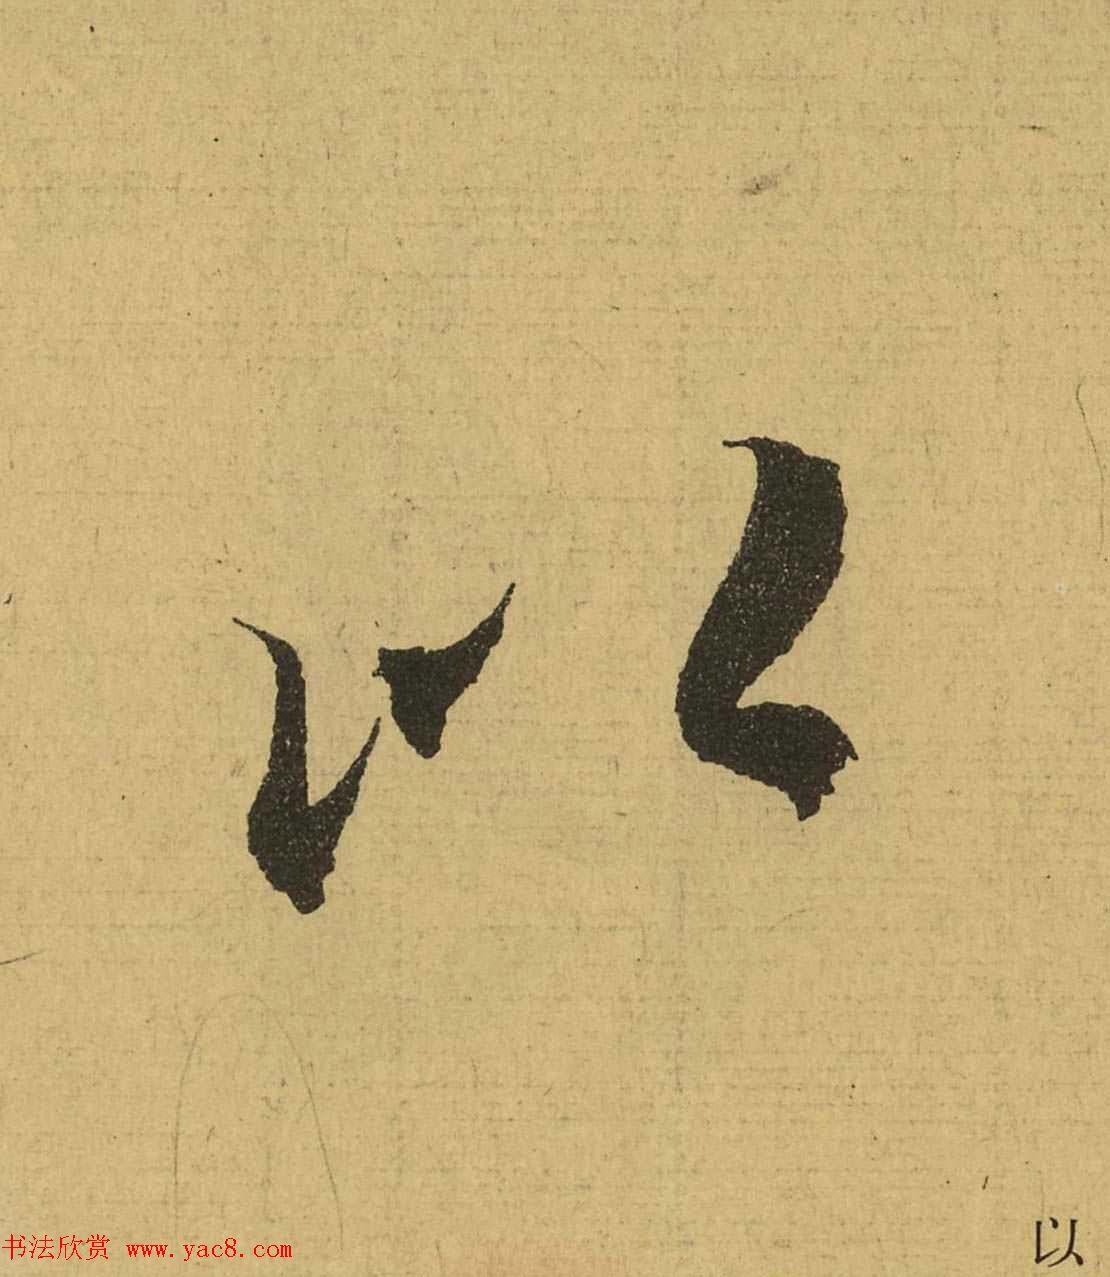 王羲之兰亭集序全文单字高清放大字帖 第62页 行书字帖 书法欣赏图片